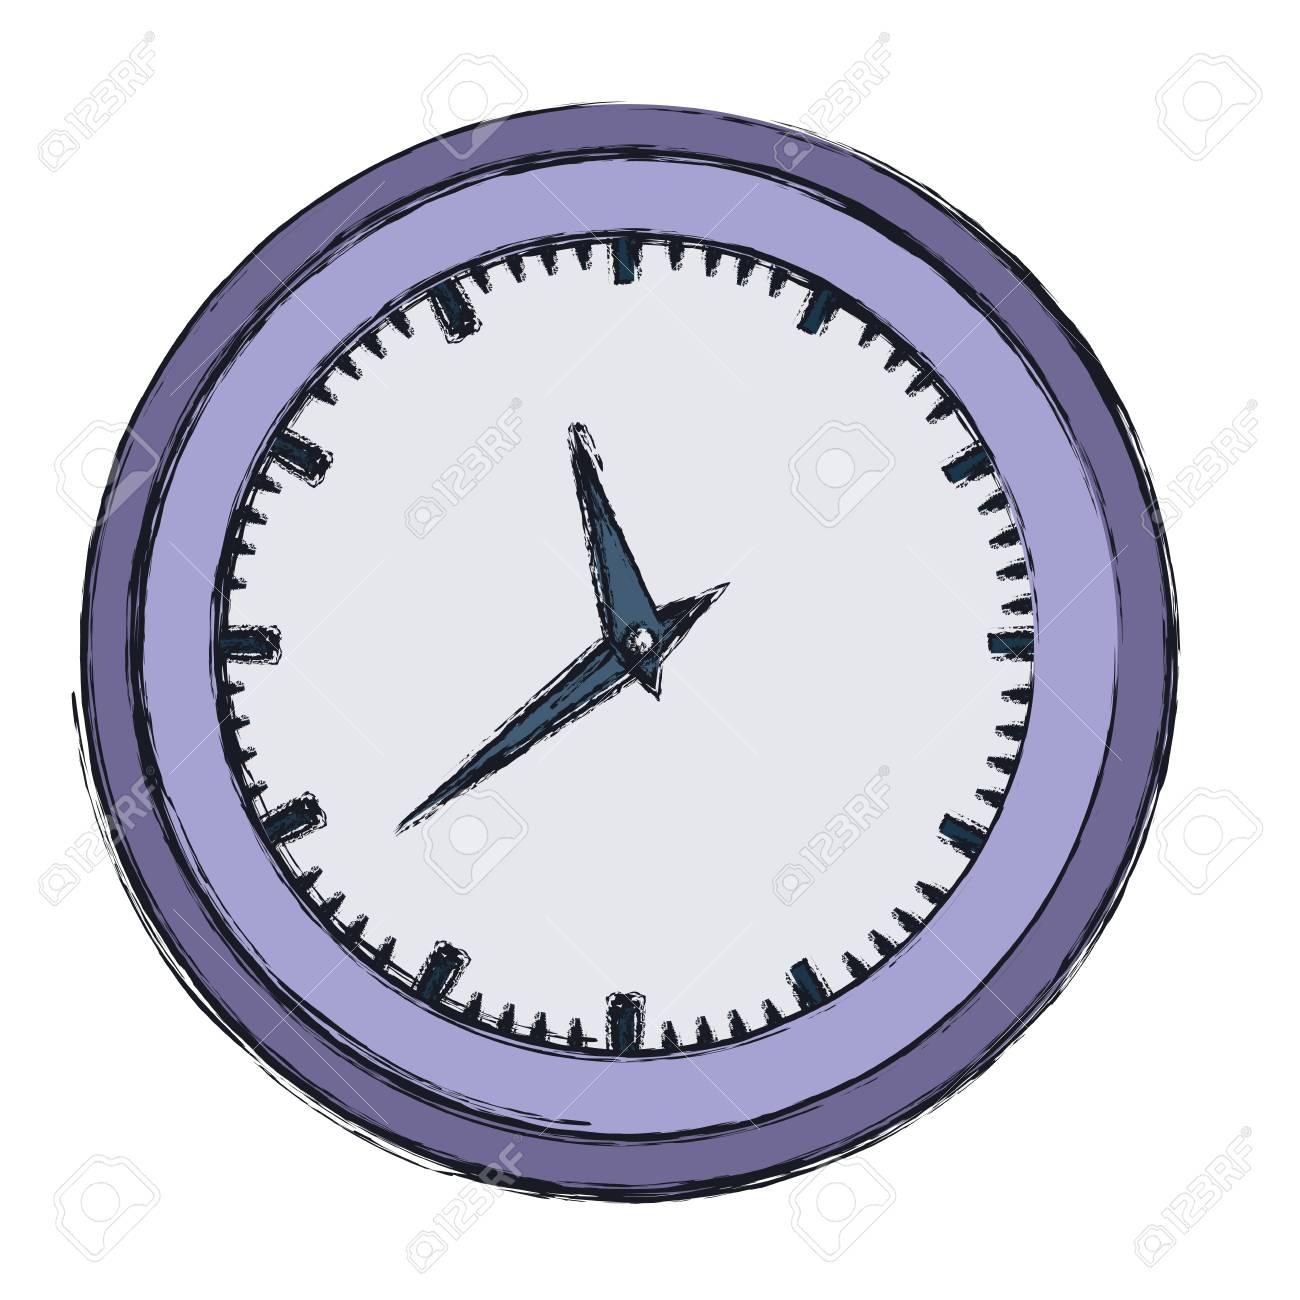 Mano De Dibujo Color De Reloj De Pared En Color Purpura Contorno